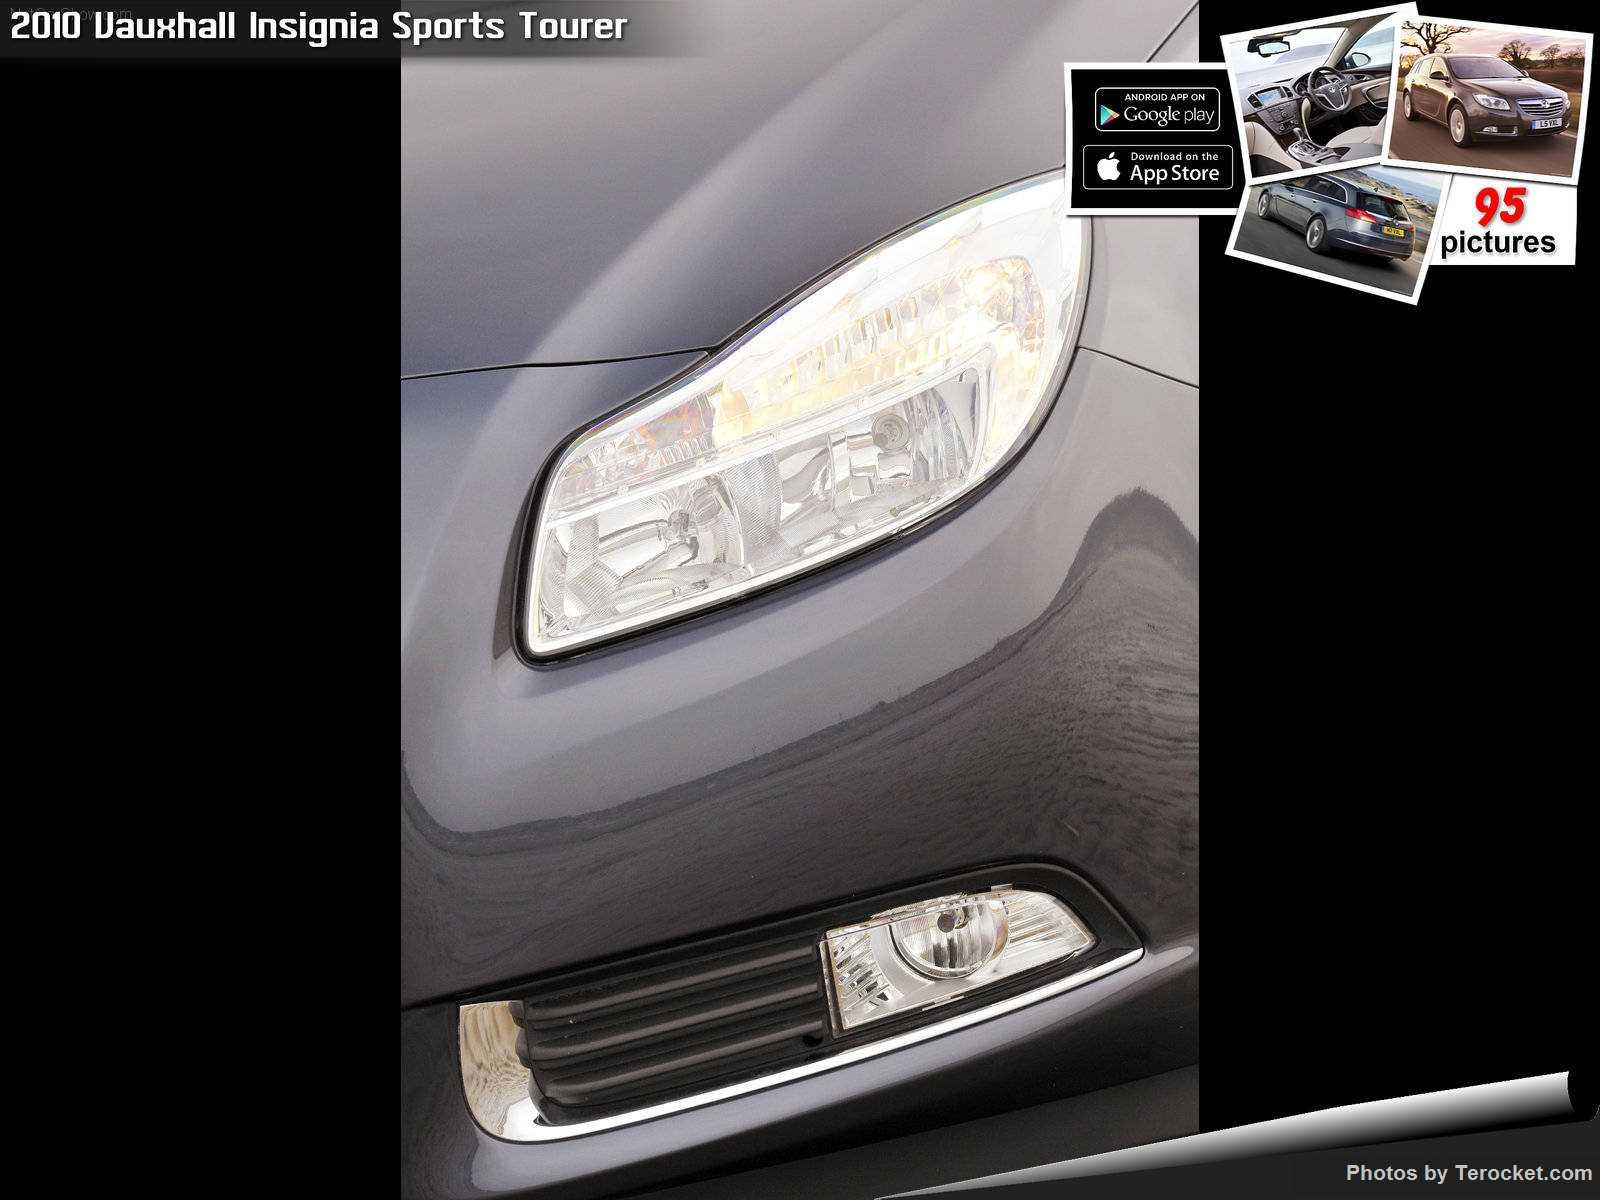 Hình ảnh xe ô tô Vauxhall Insignia Sports Tourer 2010 & nội ngoại thất